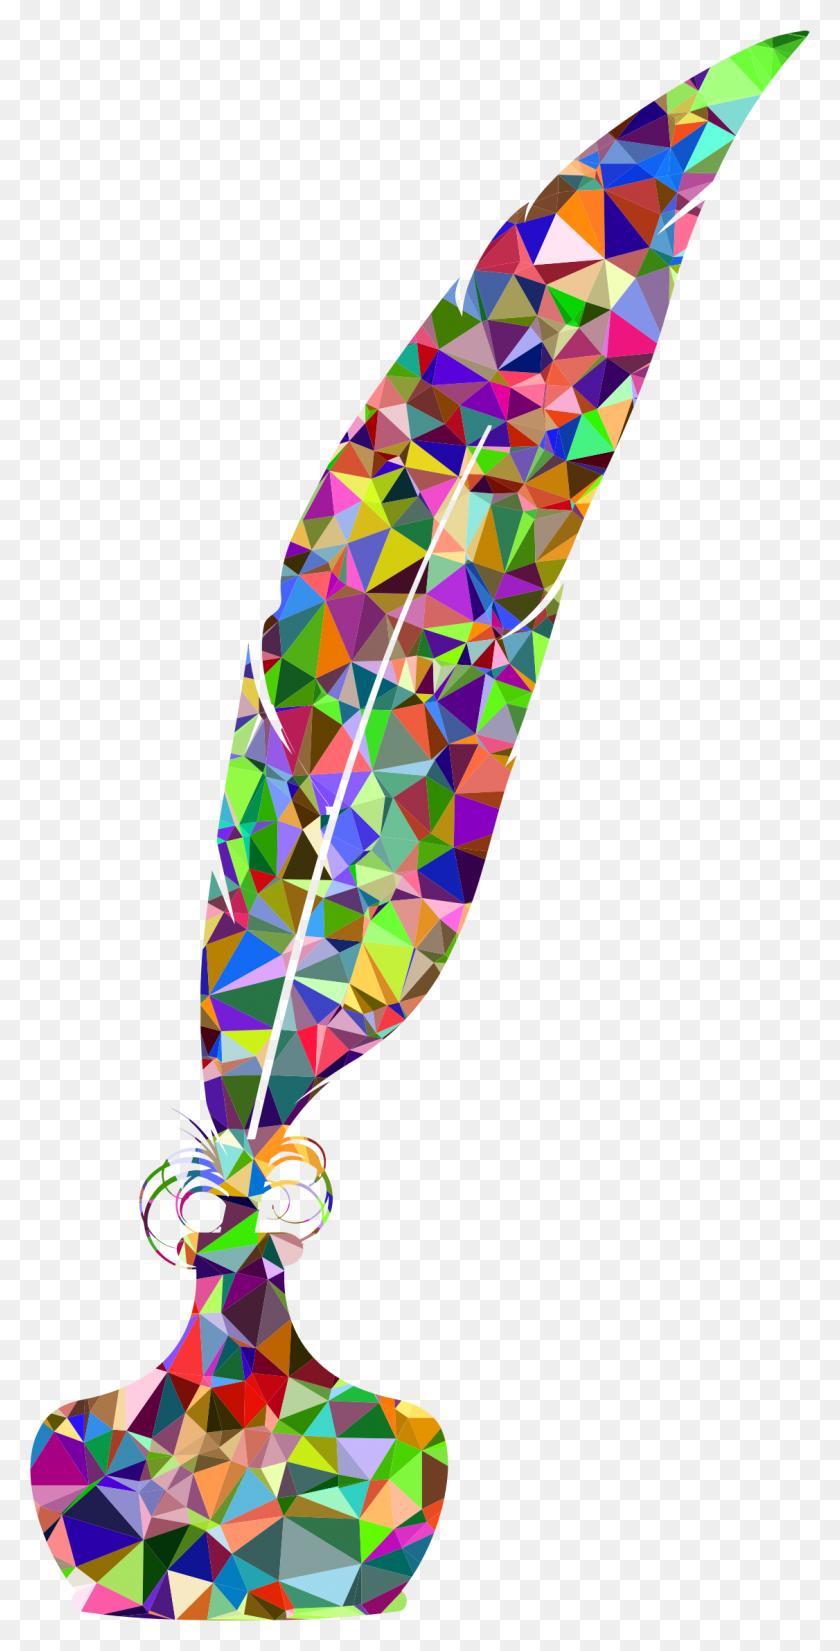 Clipart - Quill Pen Clipart